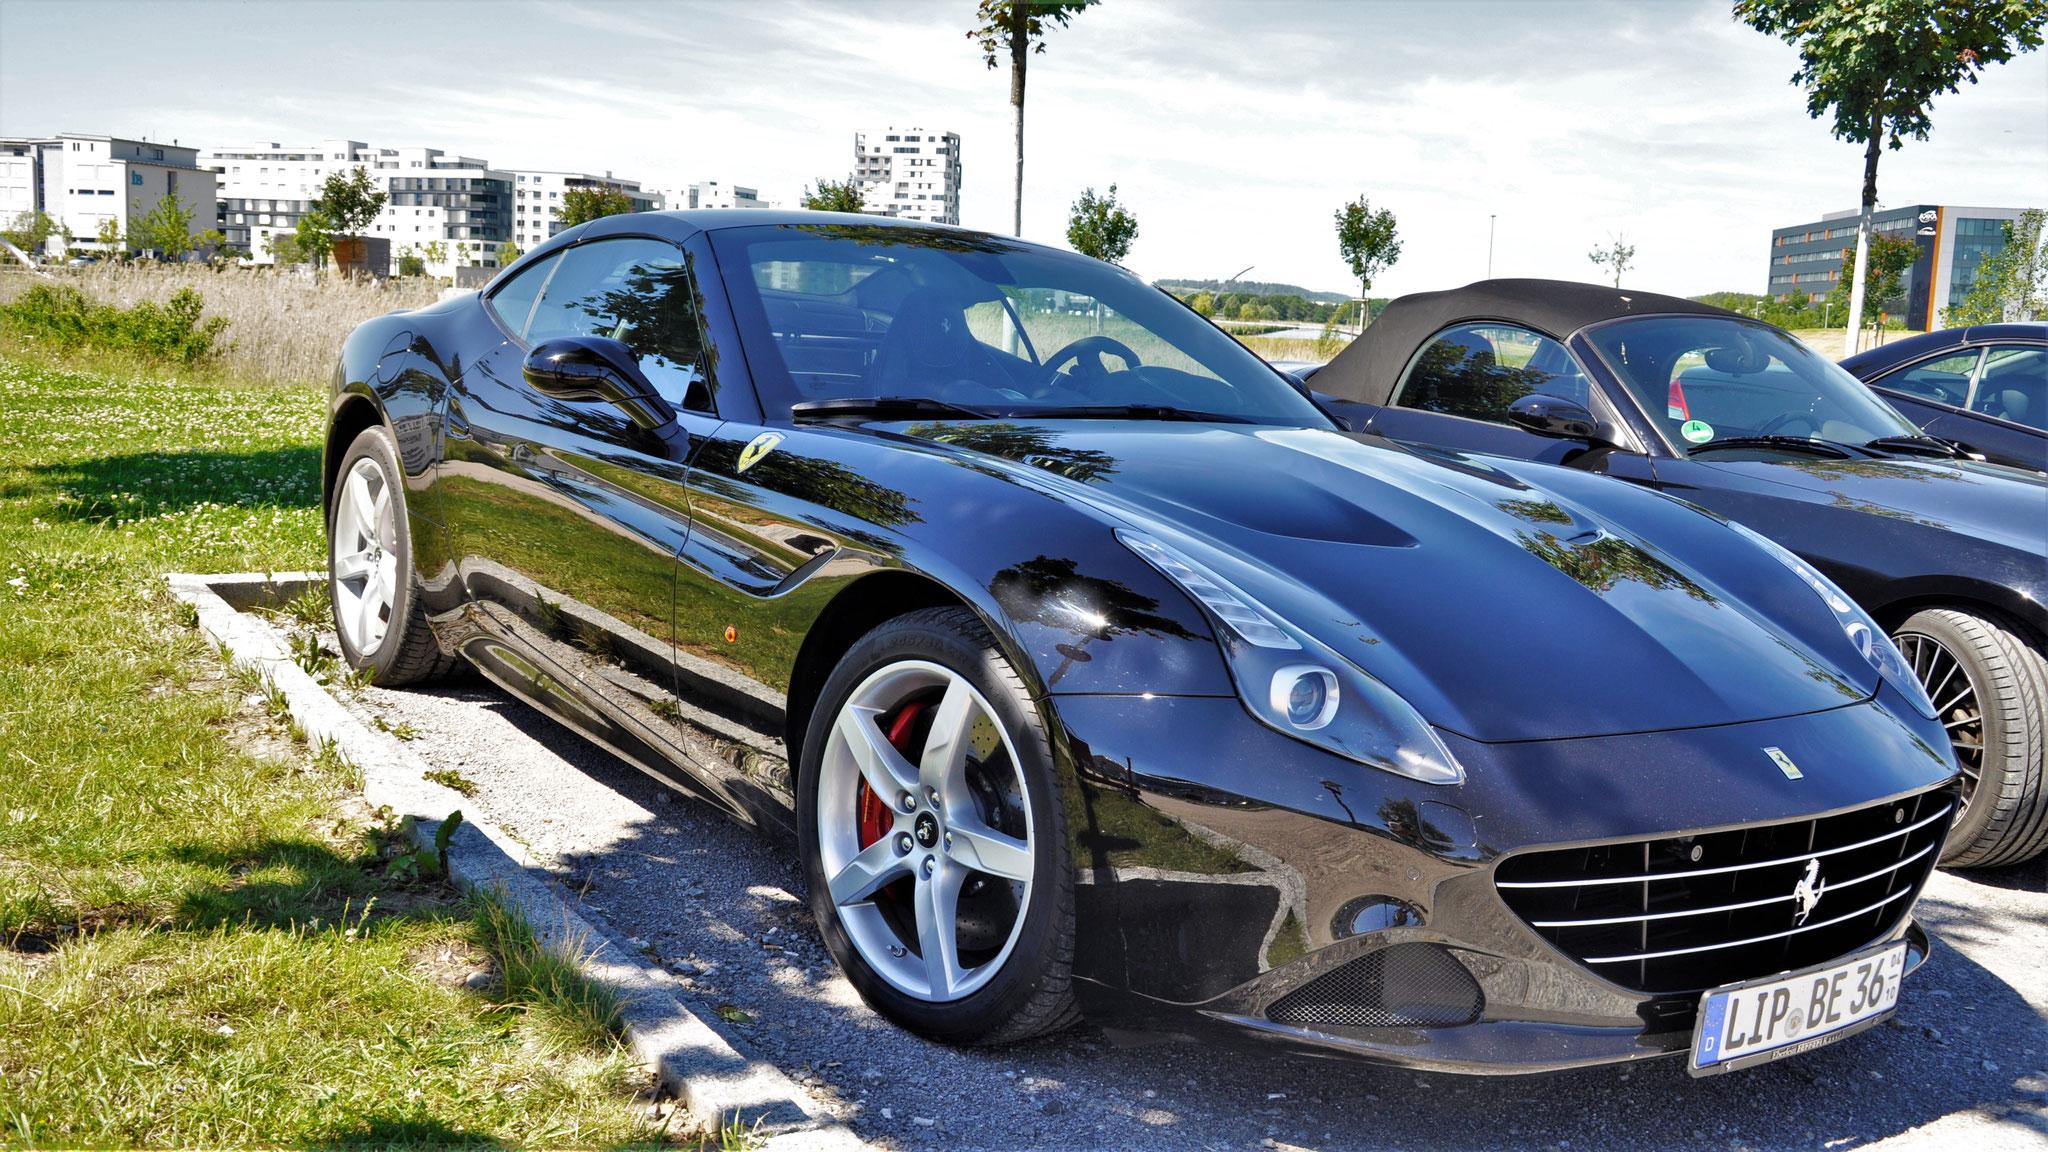 Ferrari California T - LIP-BE-36